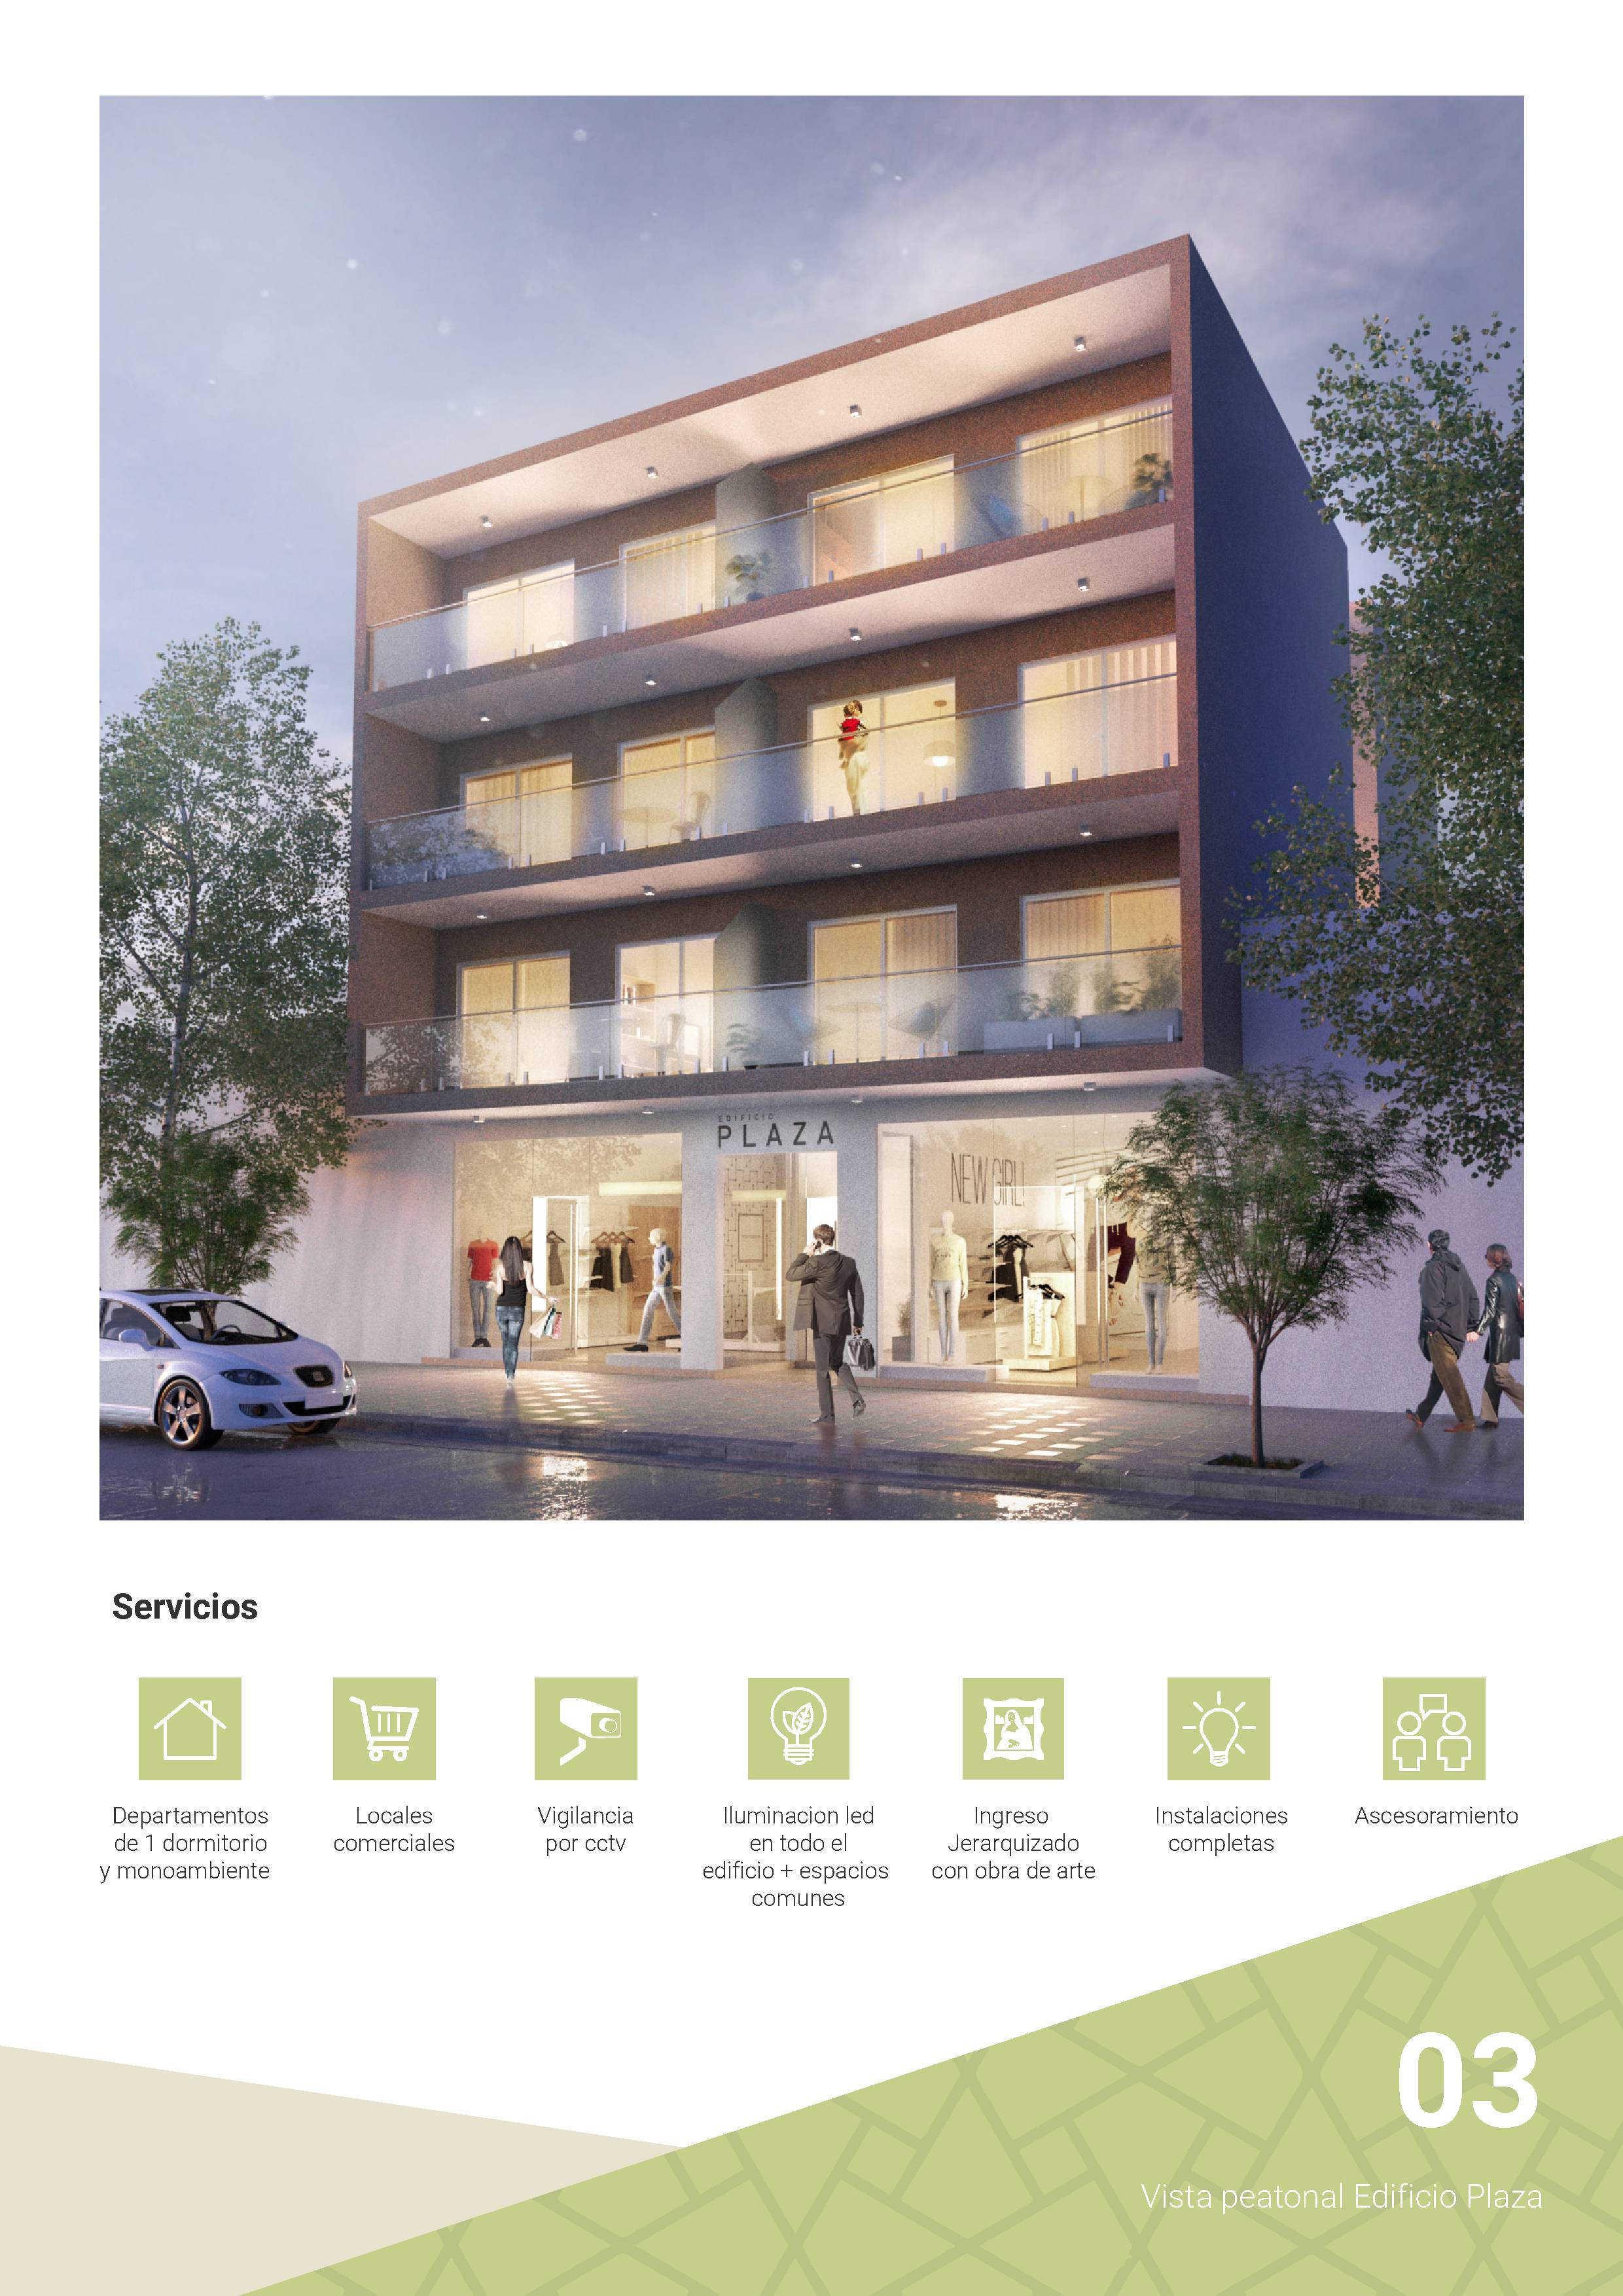 SG Soluciones Inmobiliarias